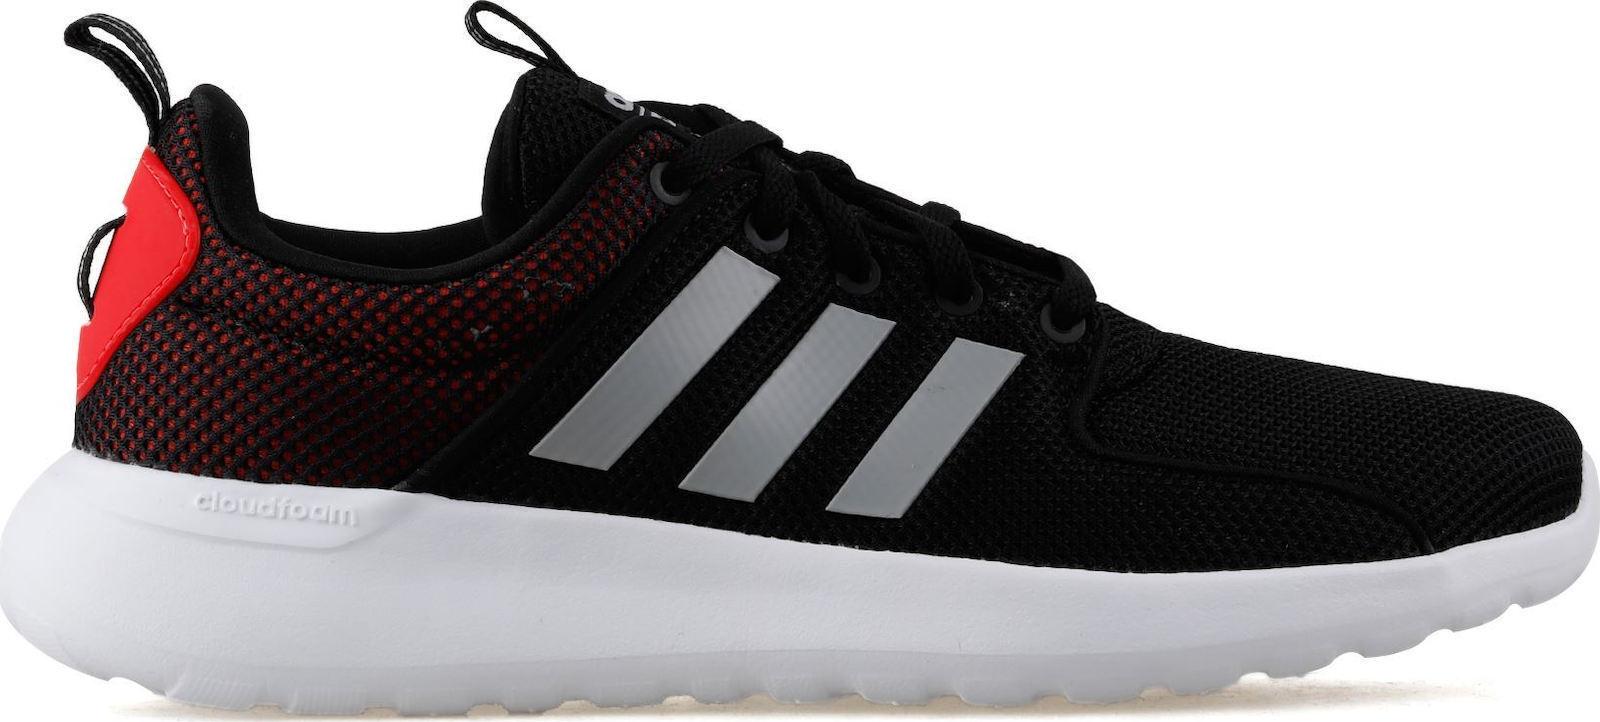 Zapatillas Adidas CF Lite Racer. Deportivas hombre. B42183